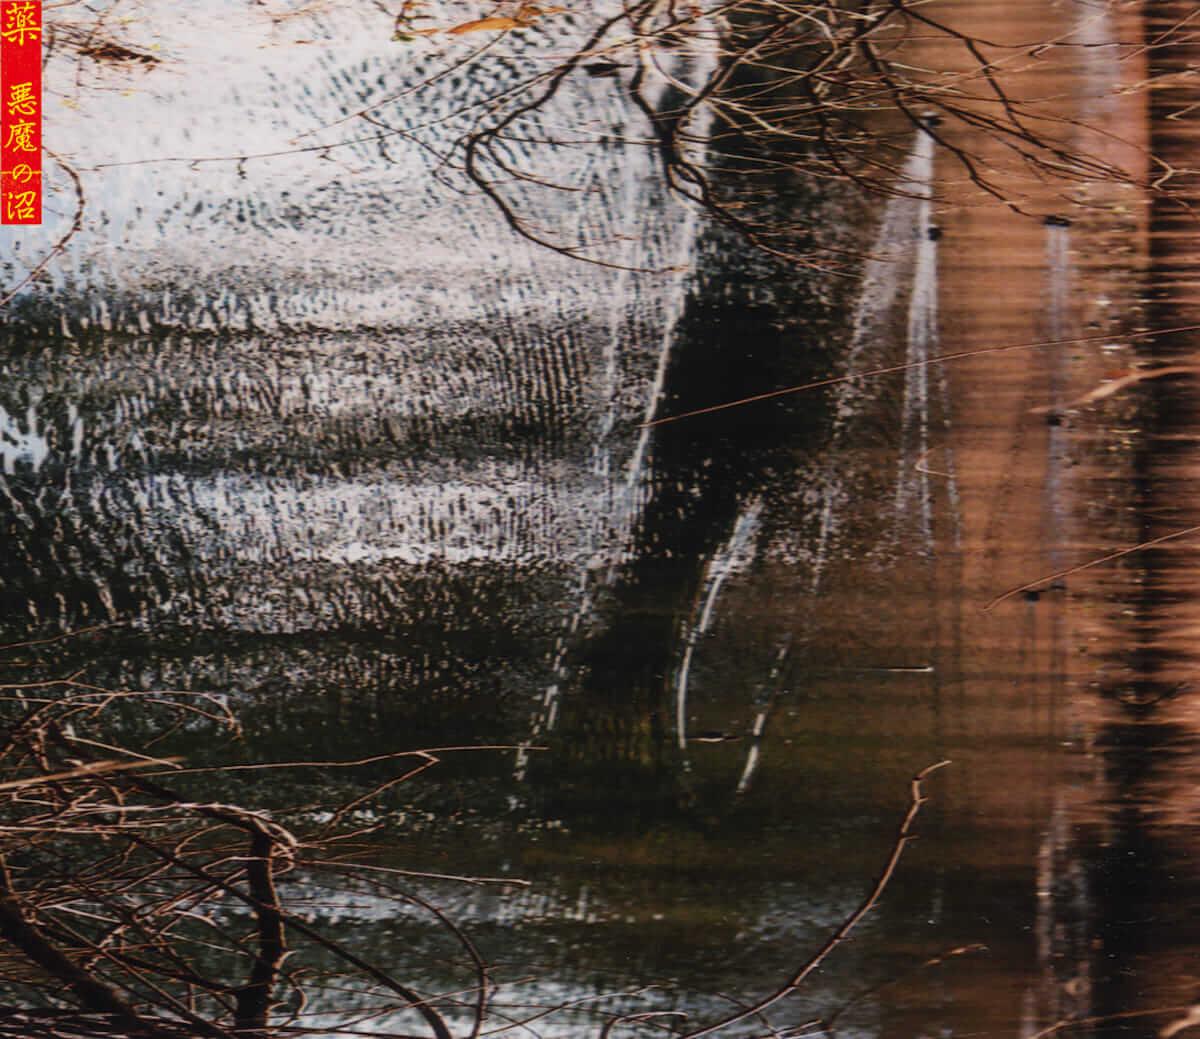 幻惑の沼、日本の伝承。深淵のDJクルー悪魔の沼がWWWβにてリリパを開催 music180614_akumanonuma_2-1200x1039